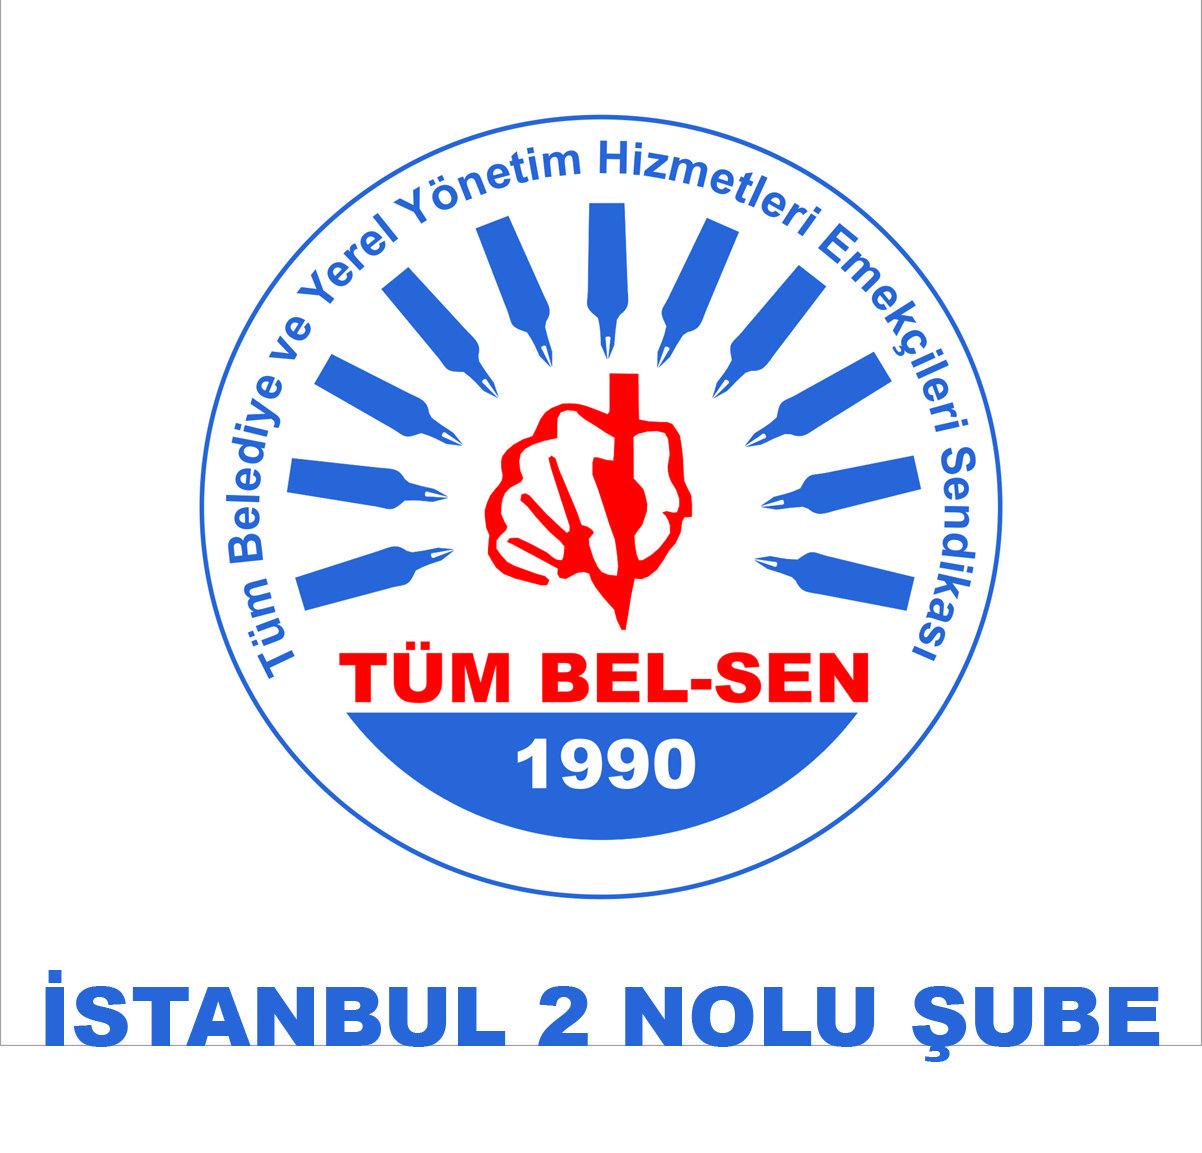 TÜM BEL-SEN İSTANBUL 2 NOLU ŞUBE GENEL KURUL DUYURUSU